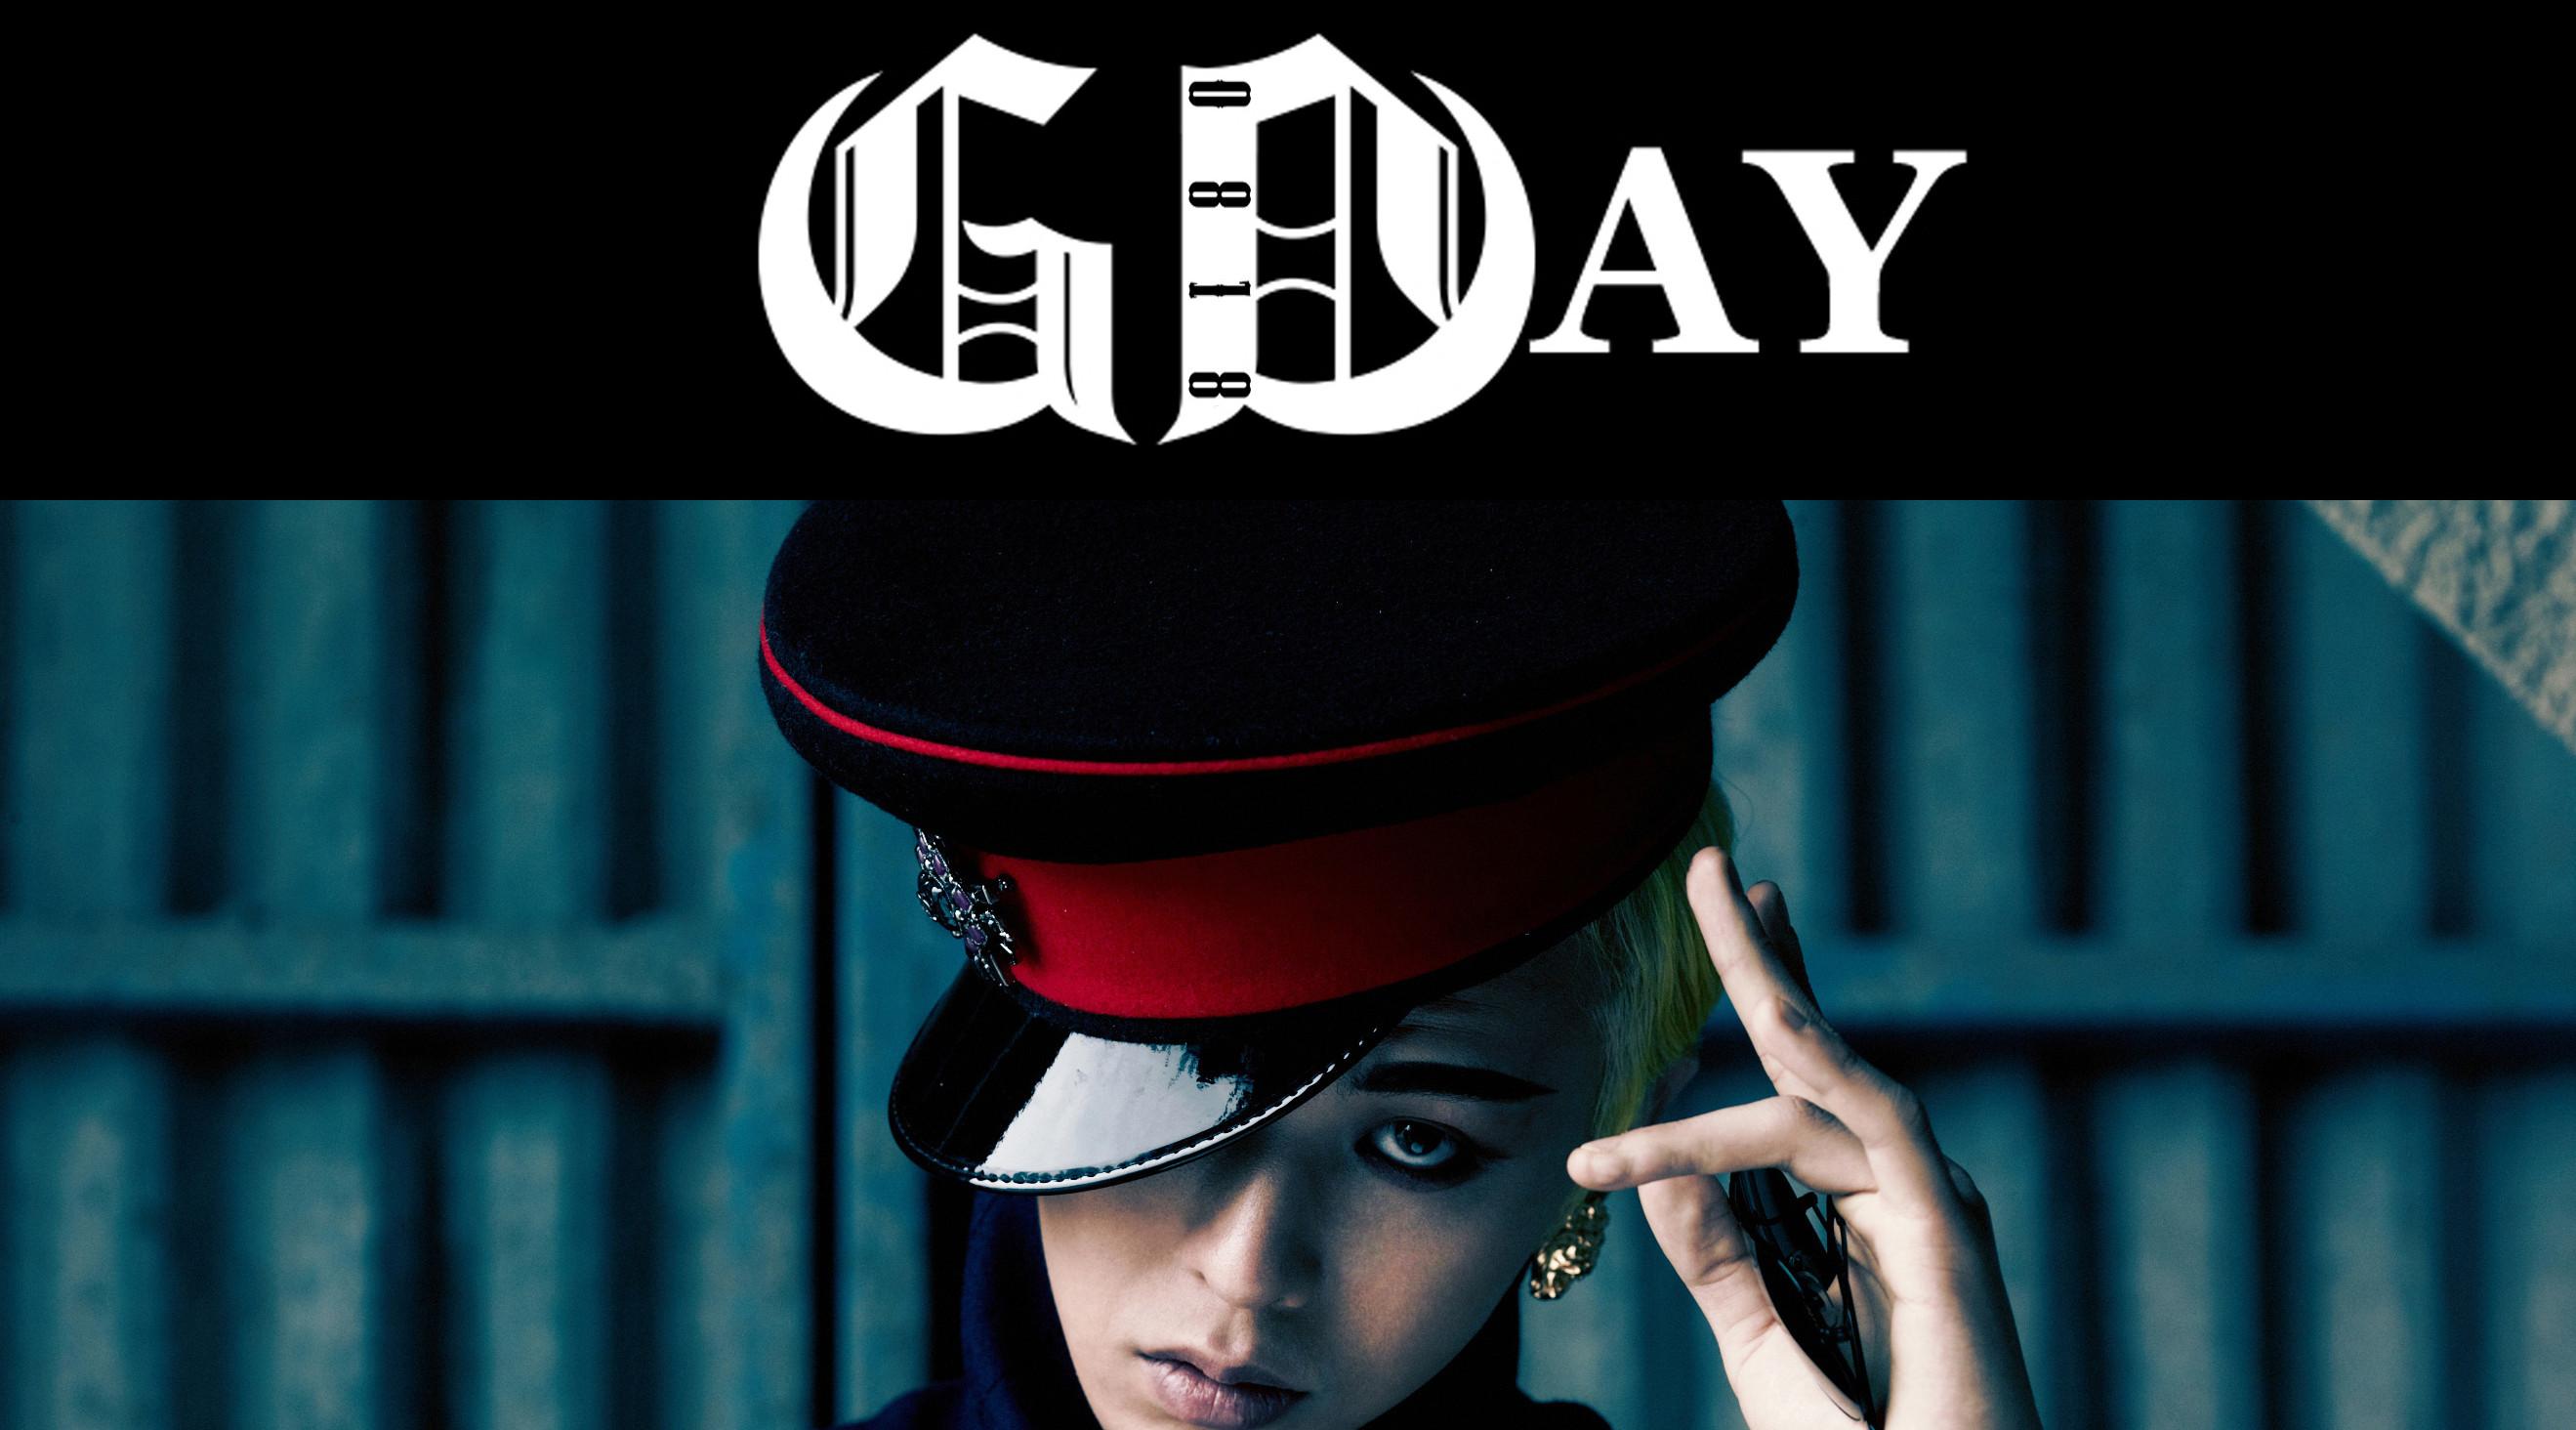 GDay2